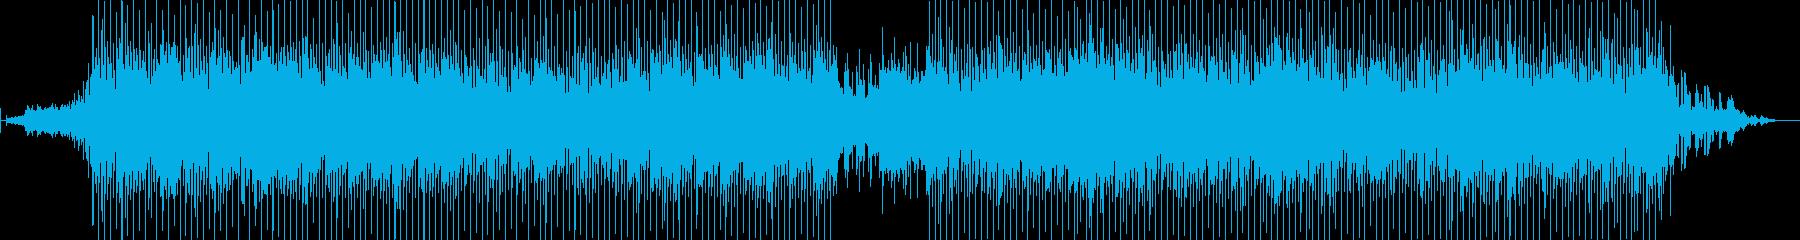 世界 サスペンス 説明的 エスニッ...の再生済みの波形